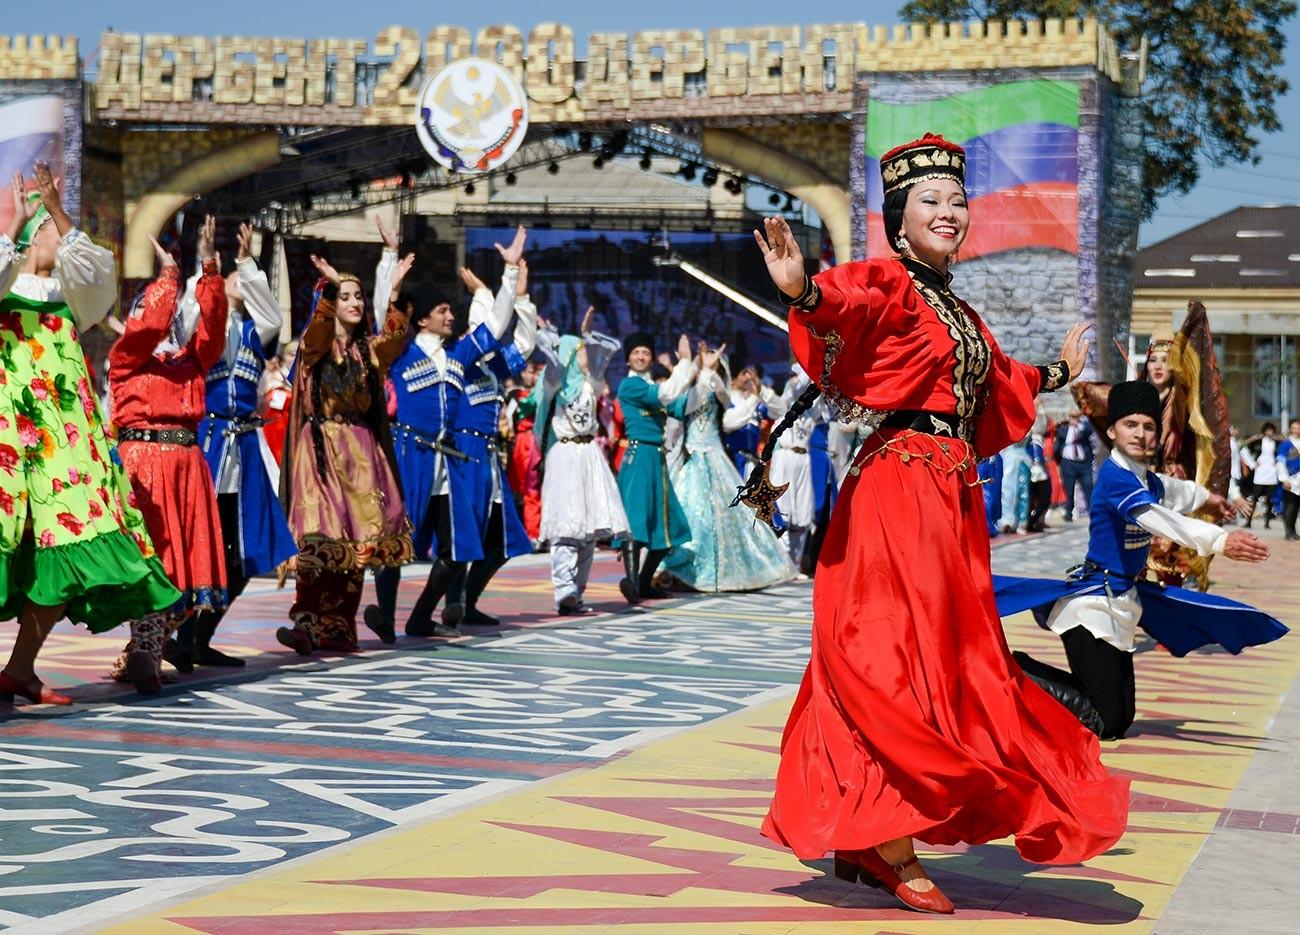 Participants du festival des cultures des peuples du Daghestan lors des célébrations des 2000 ans de Derbent